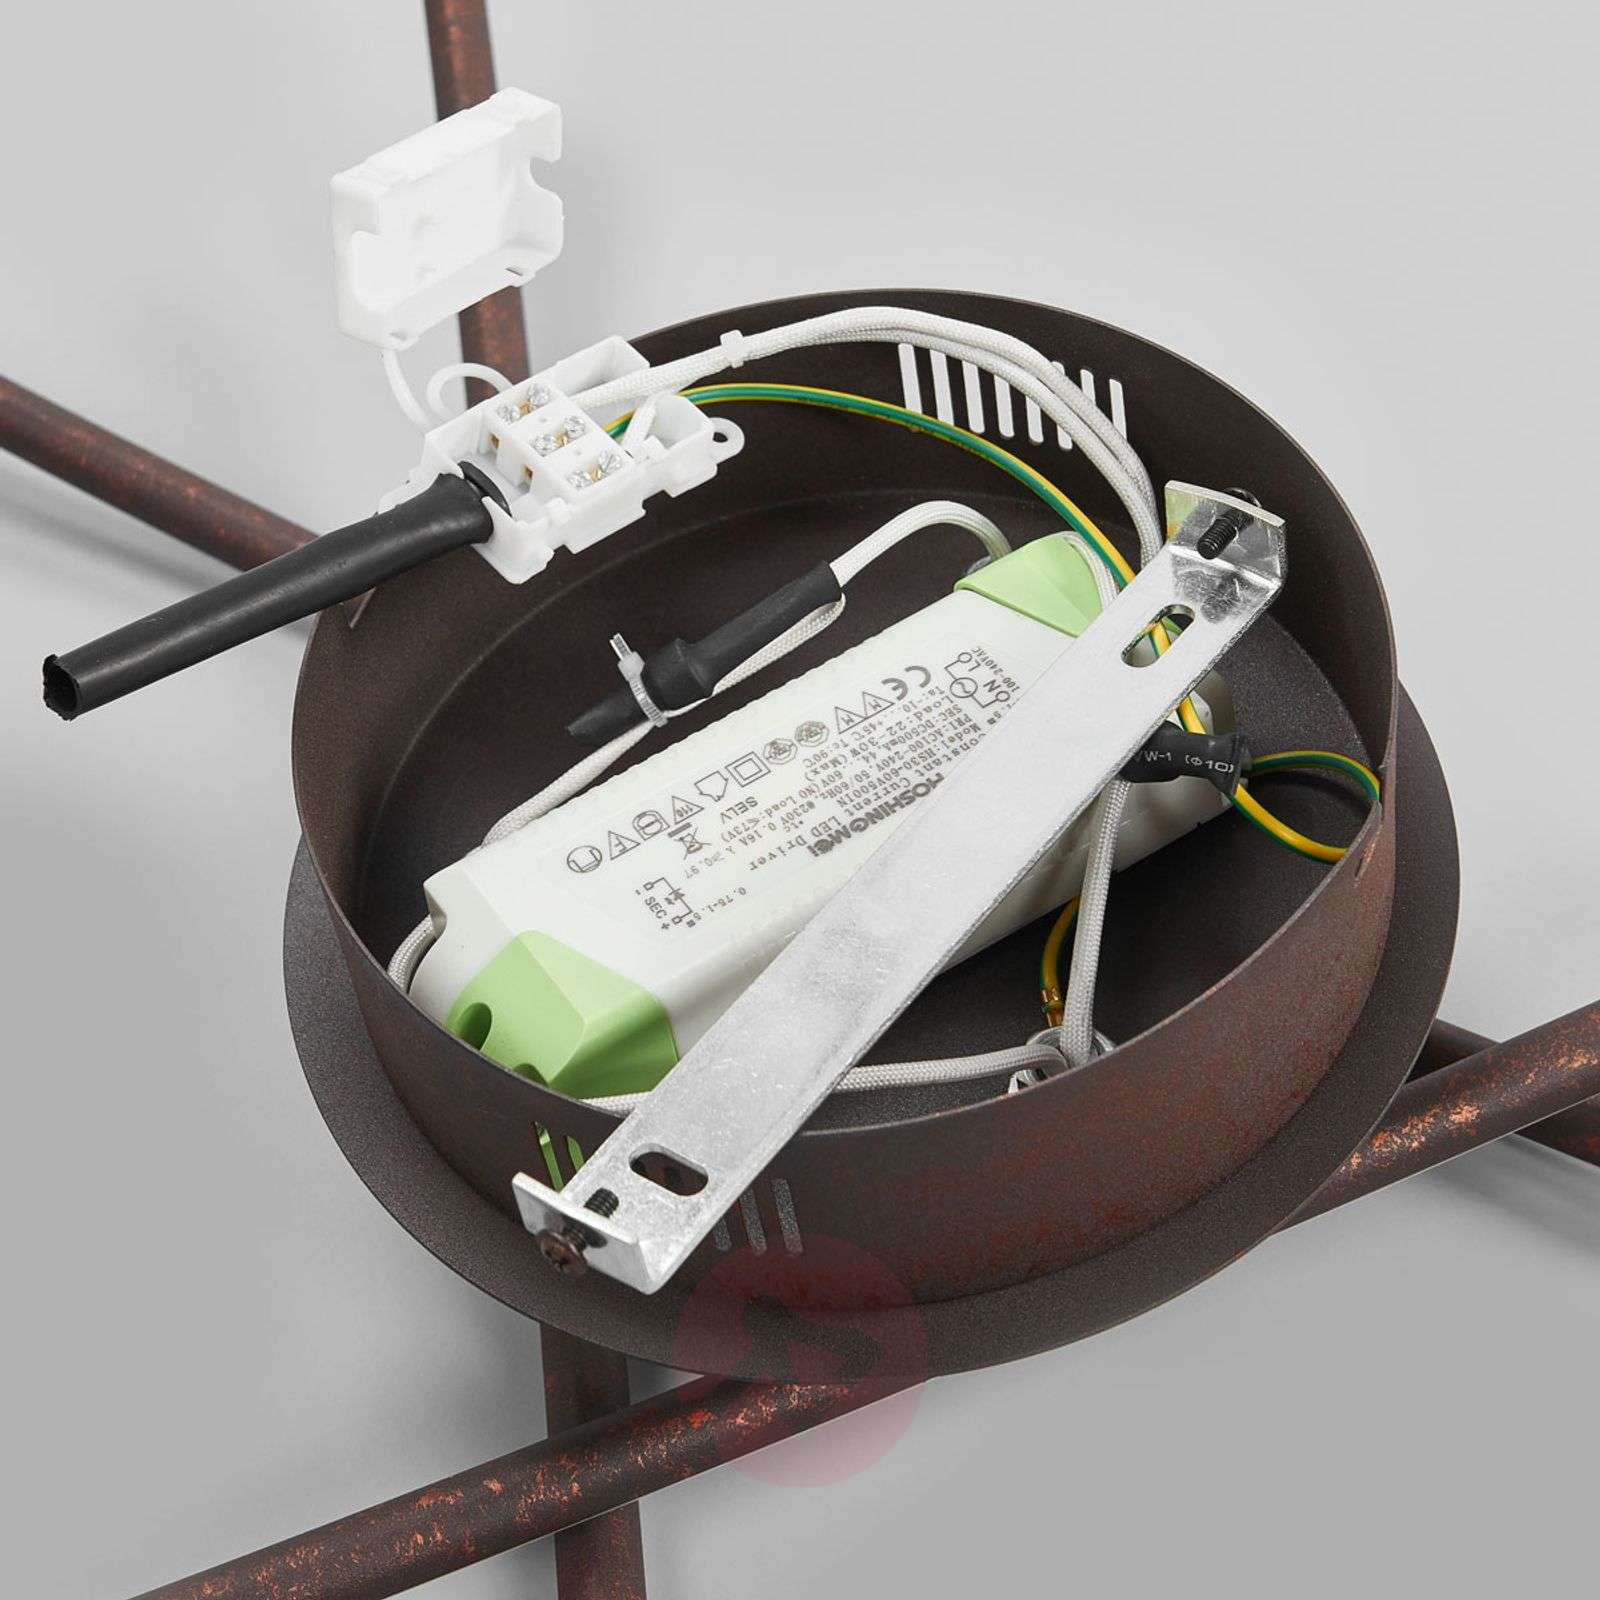 Ruosteenvärinen LED-kattolamppu Yael, 3 tangolla-9639042-02